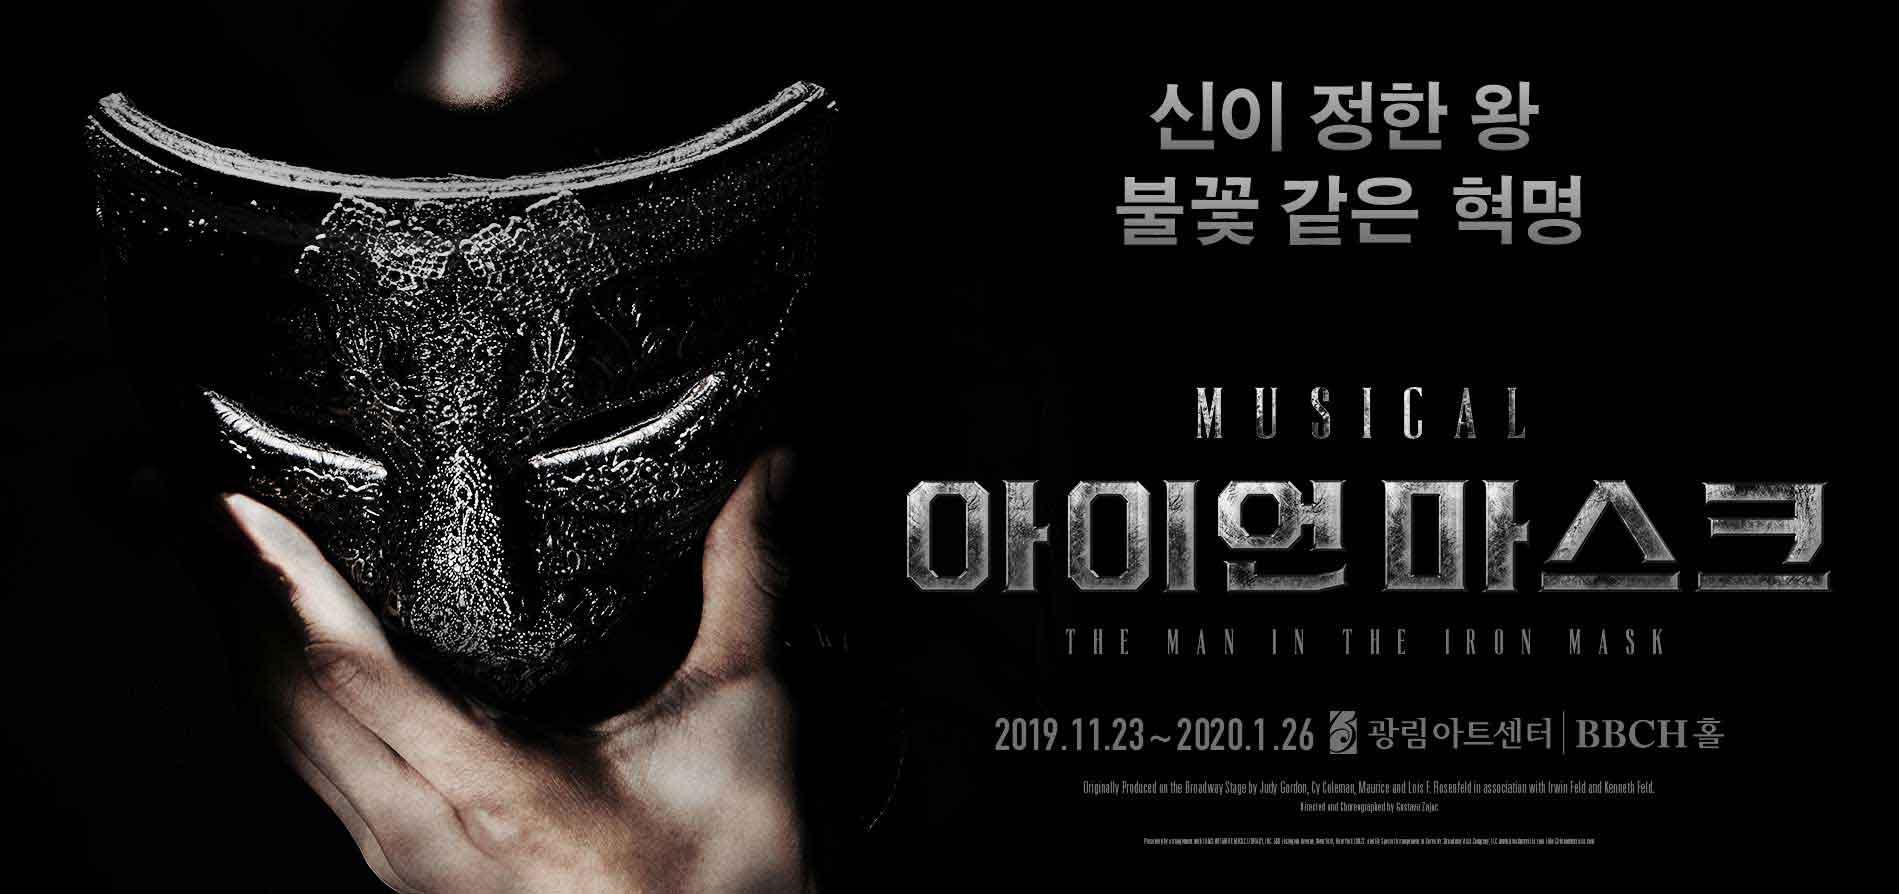 뮤지컬 [아이언마스크] 초대 이벤트